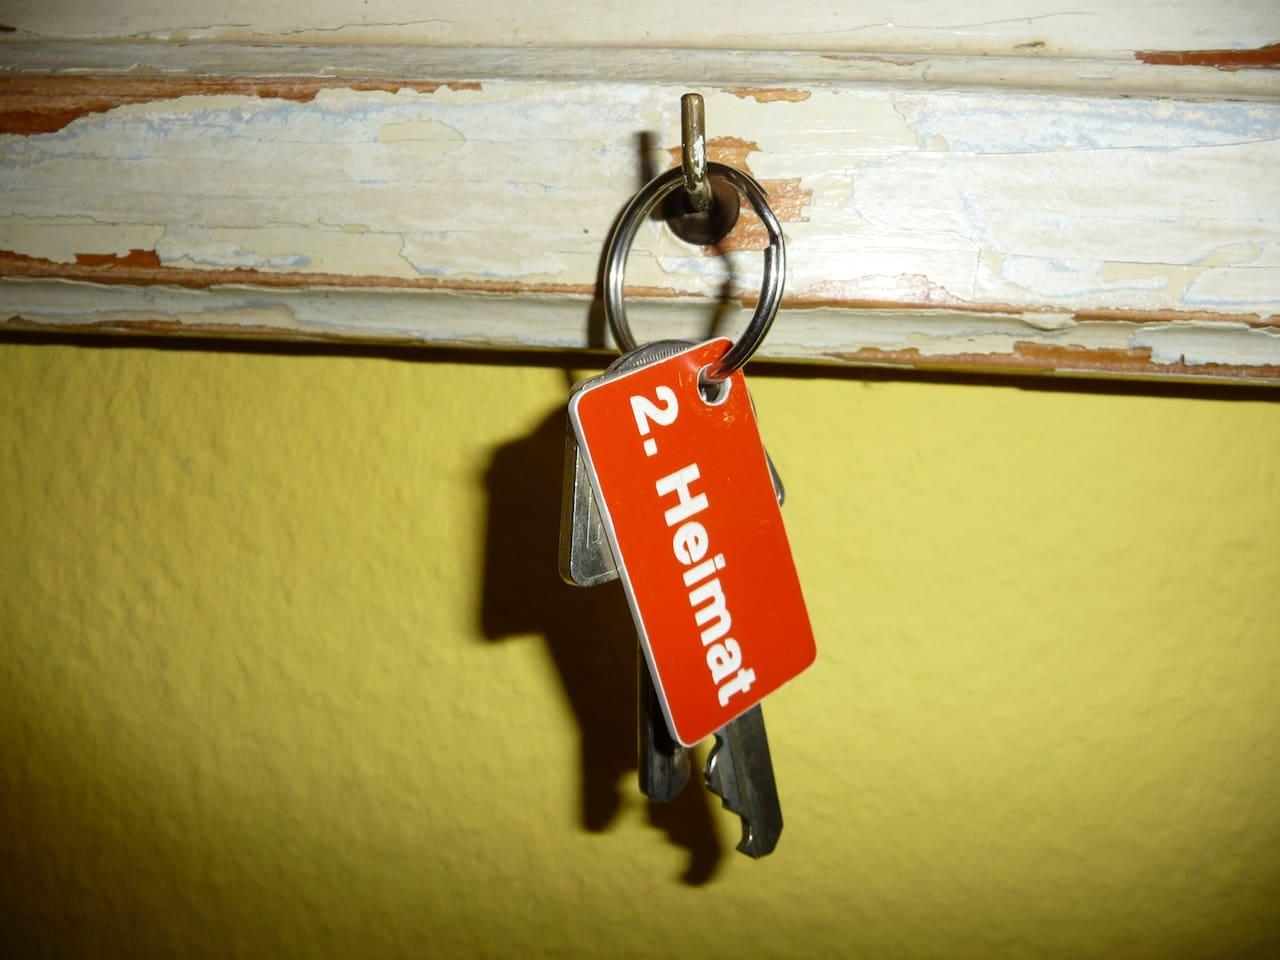 2nd Home - your accomodation in Kassel / Fühl Dich wie zu Hause!